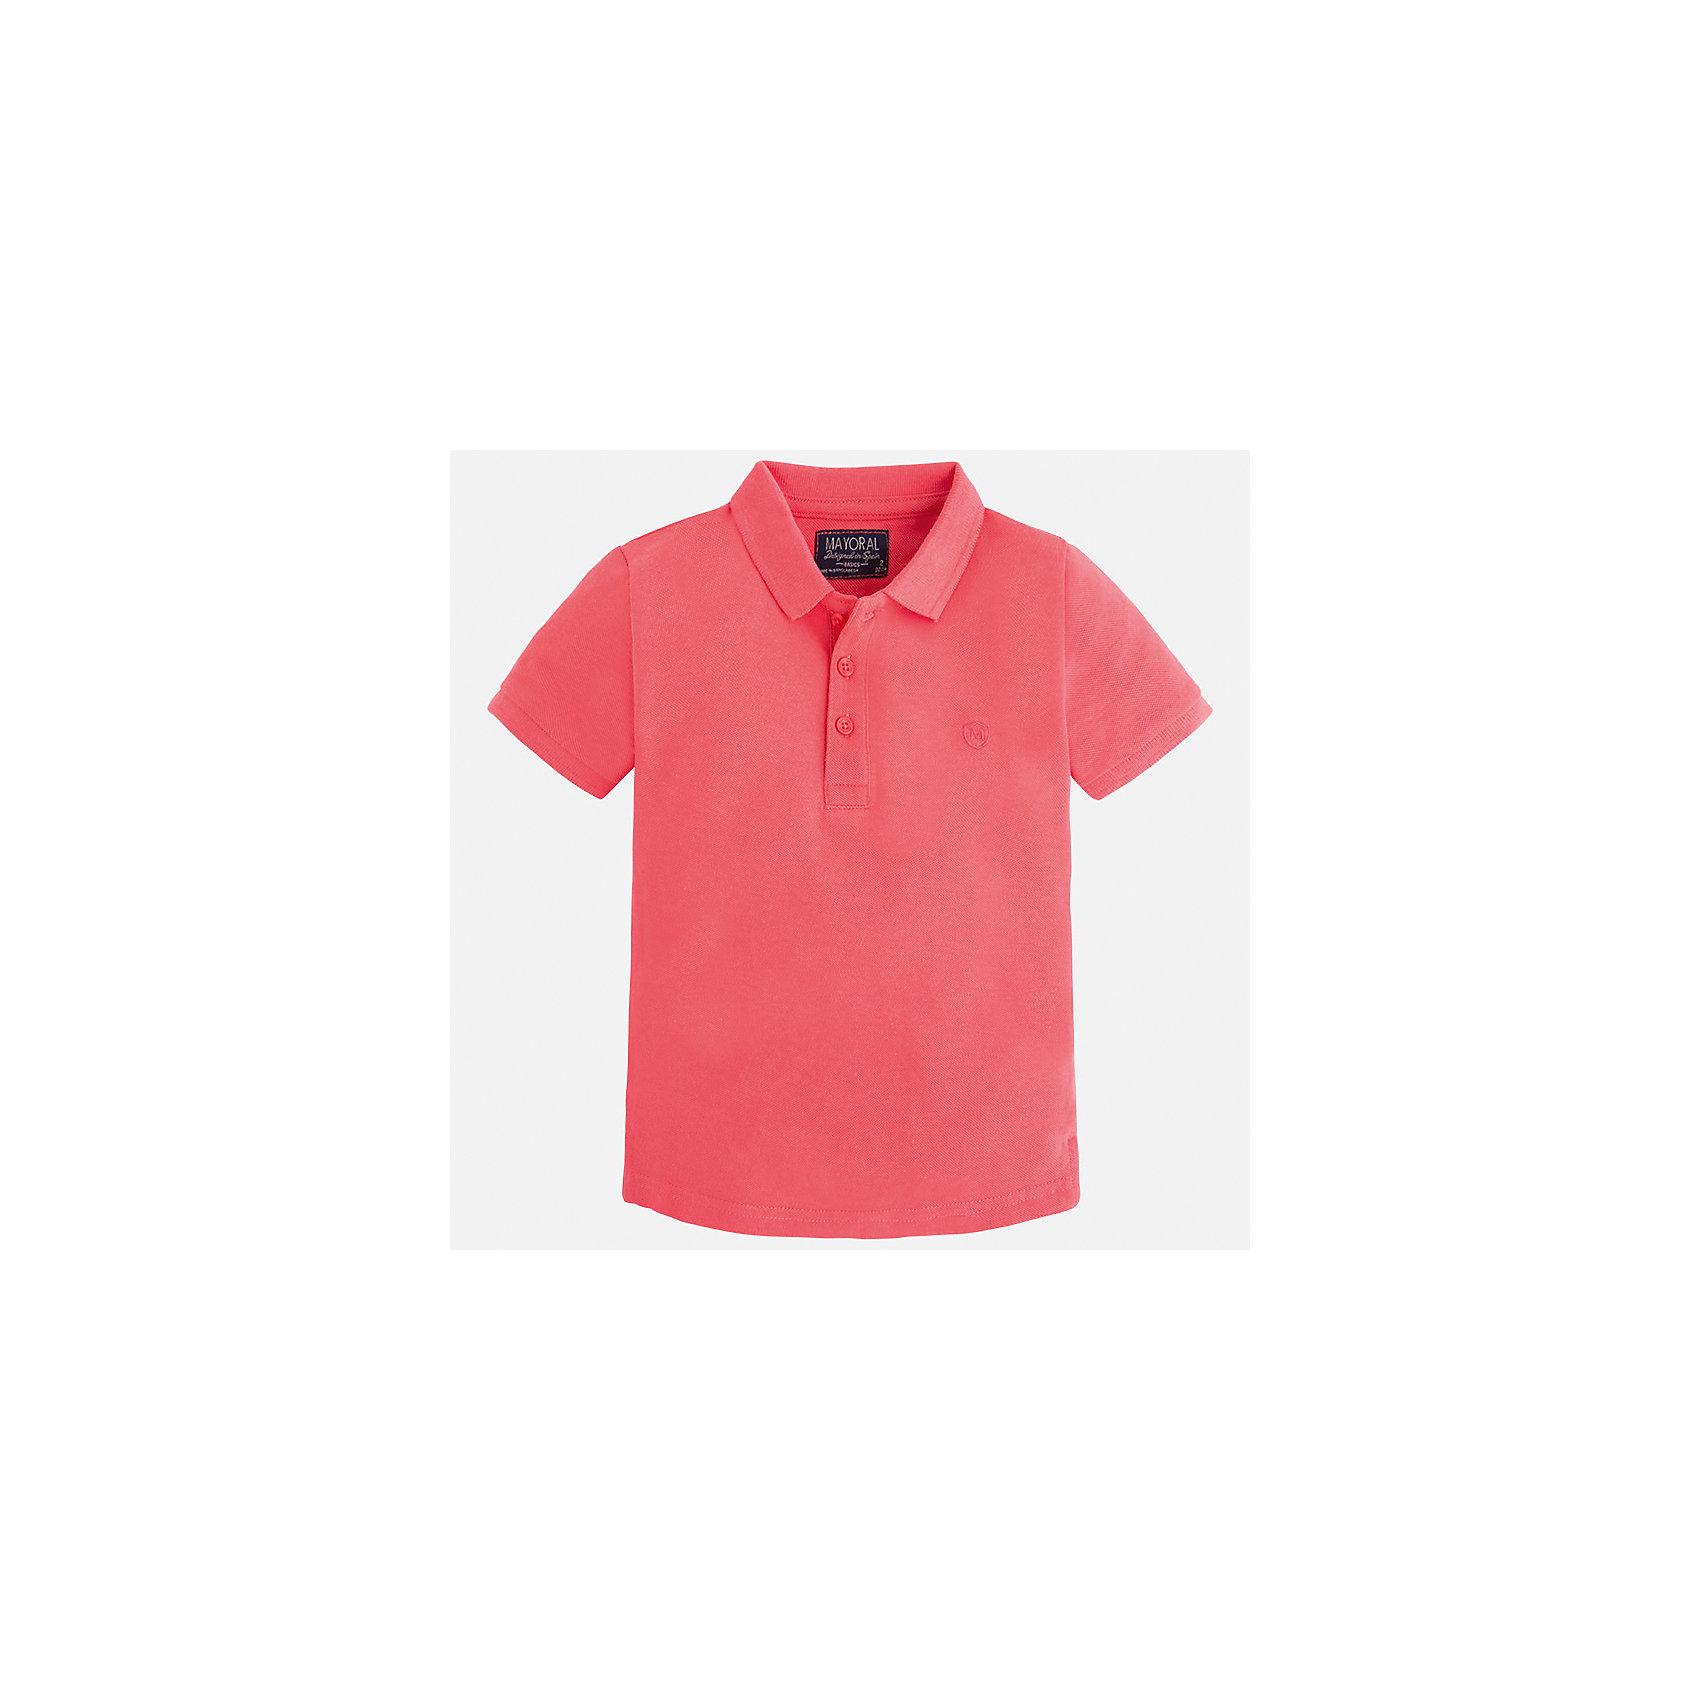 Футболка-поло для мальчика MayoralХарактеристики товара:<br><br>• цвет: розовый<br>• состав: 100% хлопок<br>• отложной воротник<br>• короткие рукава<br>• застежка: пуговицы<br>• вышивка на груди<br>• страна бренда: Испания<br><br>Стильная удобная футболка-поло для мальчика может стать базовой вещью в гардеробе ребенка. Она отлично сочетается с брюками, шортами, джинсами и т.д. Универсальный крой и цвет позволяет подобрать к вещи низ разных расцветок. Практичное и стильное изделие! В составе материала - только натуральный хлопок, гипоаллергенный, приятный на ощупь, дышащий.<br><br>Одежда, обувь и аксессуары от испанского бренда Mayoral полюбились детям и взрослым по всему миру. Модели этой марки - стильные и удобные. Для их производства используются только безопасные, качественные материалы и фурнитура. Порадуйте ребенка модными и красивыми вещами от Mayoral! <br><br>Футболку-поло для мальчика от испанского бренда Mayoral (Майорал) можно купить в нашем интернет-магазине.<br><br>Ширина мм: 230<br>Глубина мм: 40<br>Высота мм: 220<br>Вес г: 250<br>Цвет: розовый<br>Возраст от месяцев: 96<br>Возраст до месяцев: 108<br>Пол: Мужской<br>Возраст: Детский<br>Размер: 92,128,122,116,110,134,104,98<br>SKU: 5277767